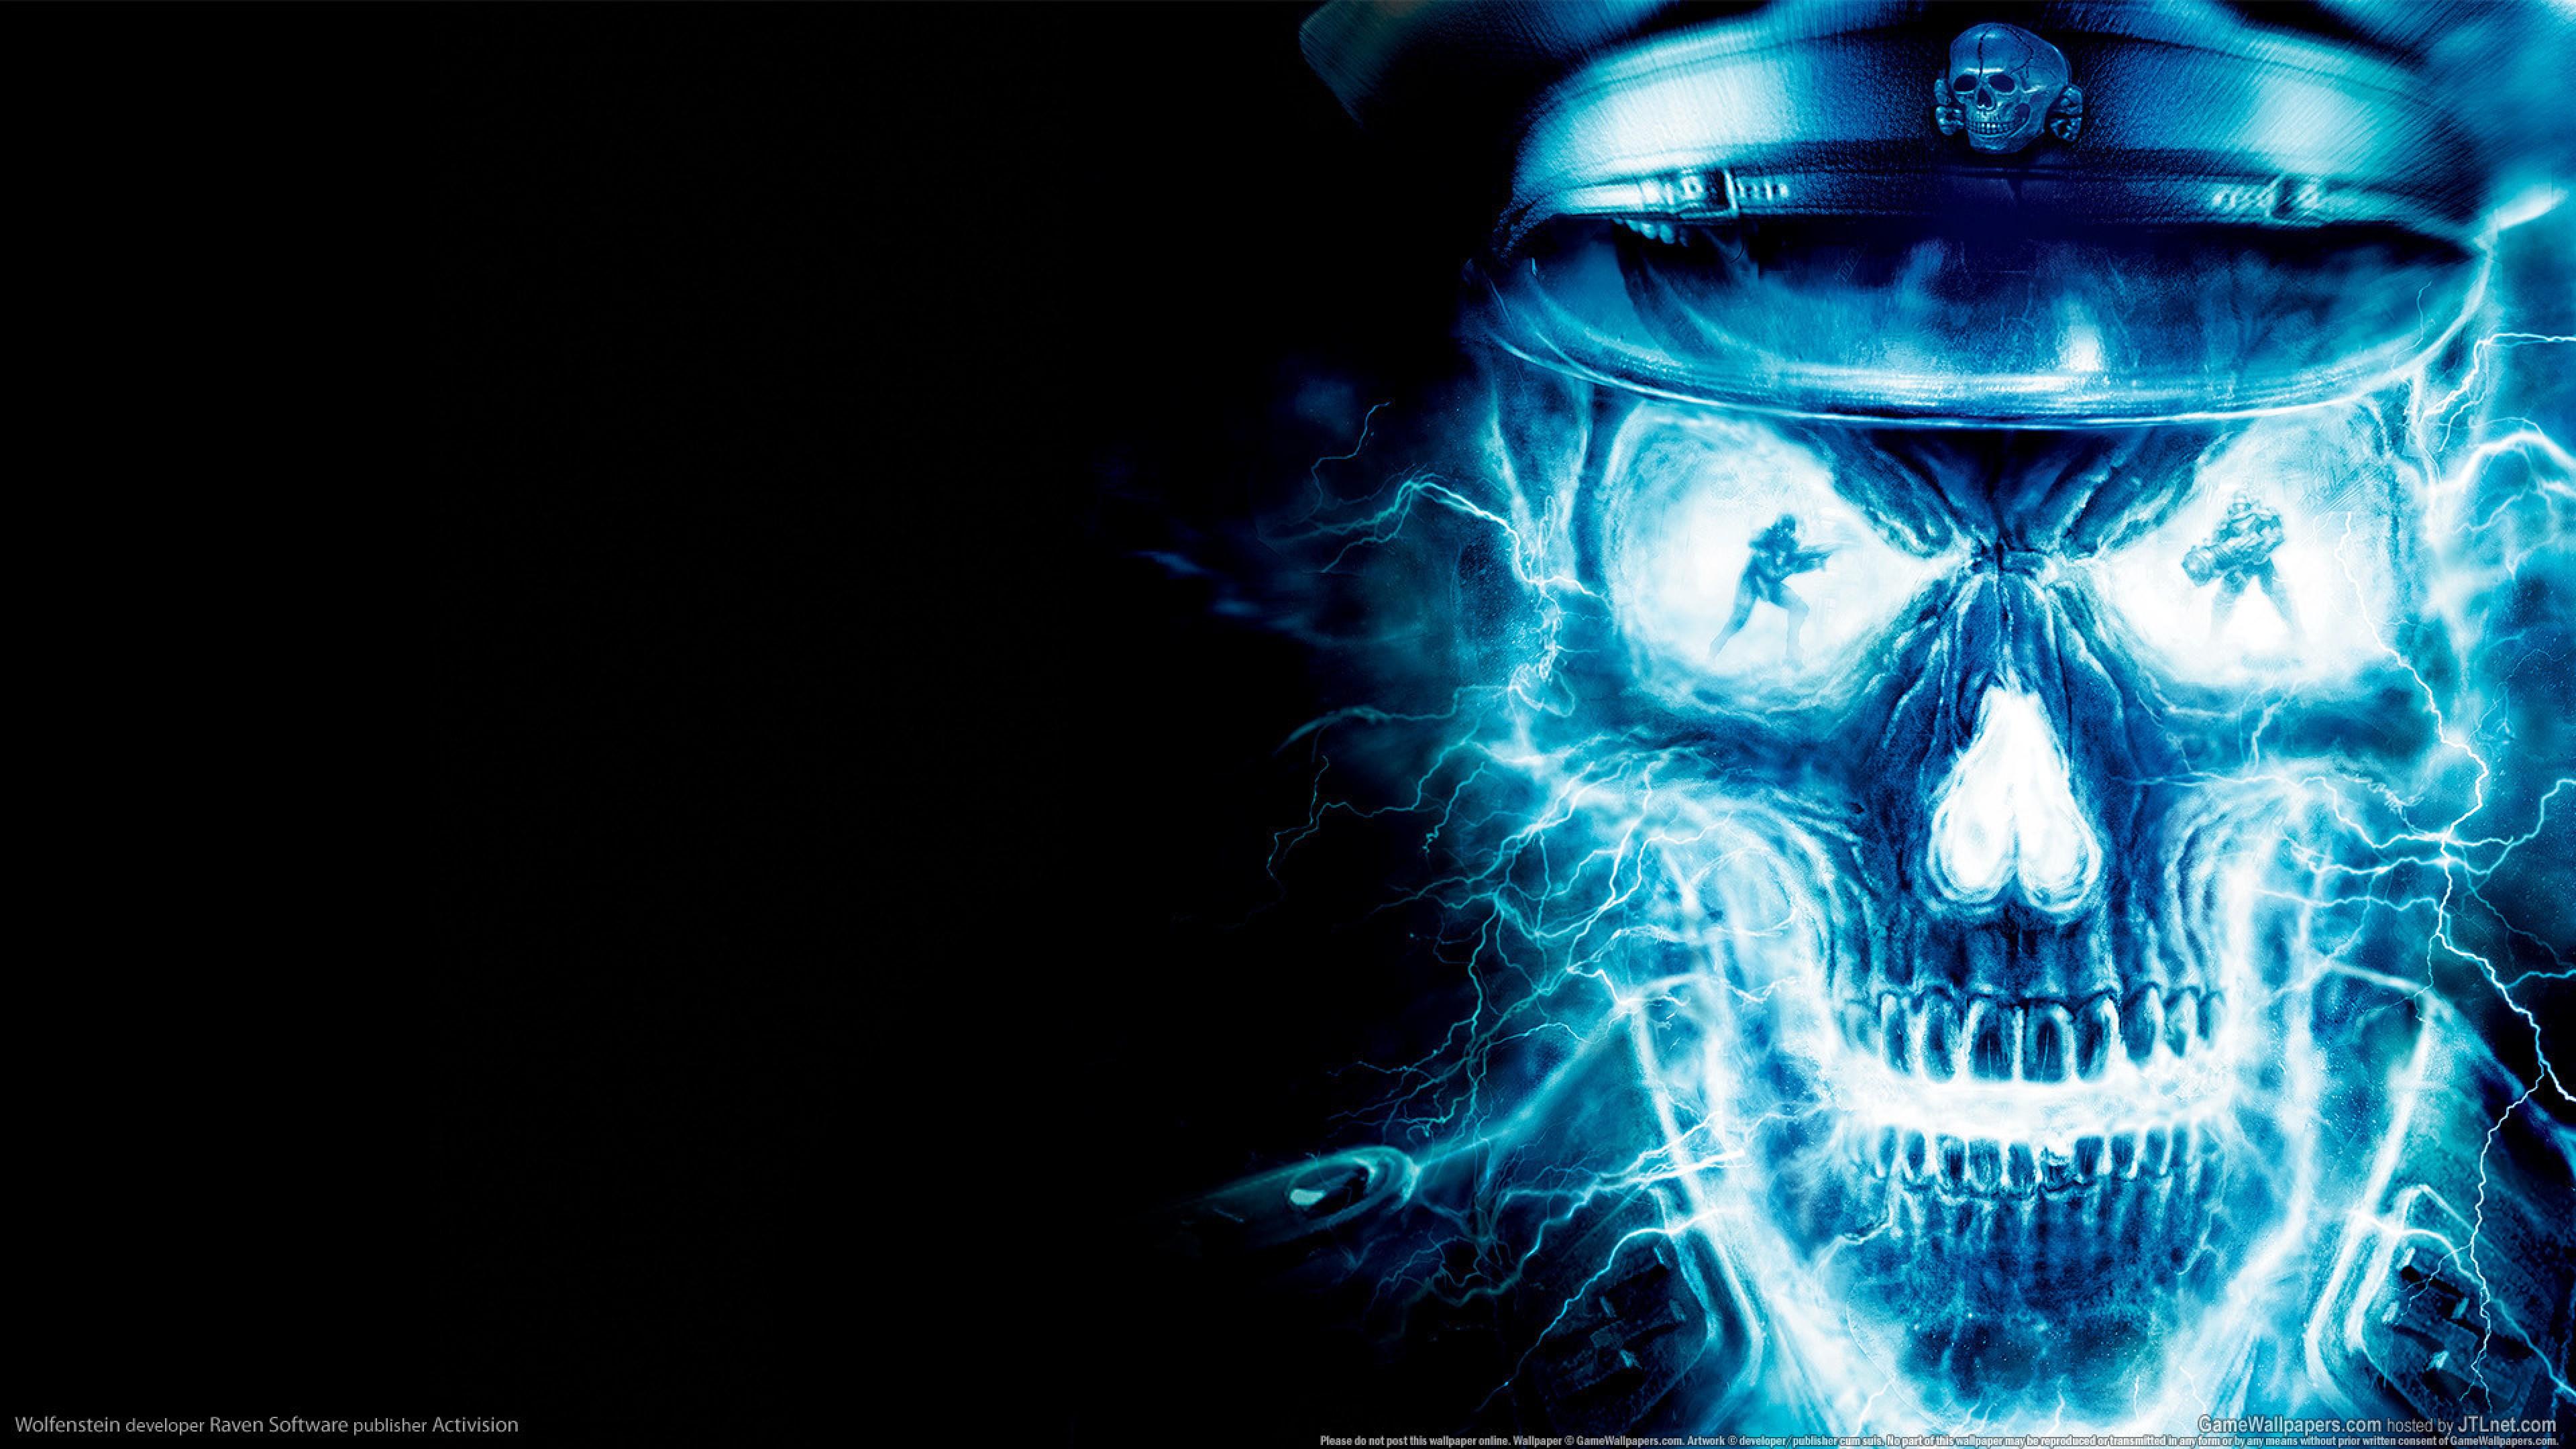 Skull Hd Wallpaper 4k Ultra Hd Hd Wallpaper Wallpapers Net